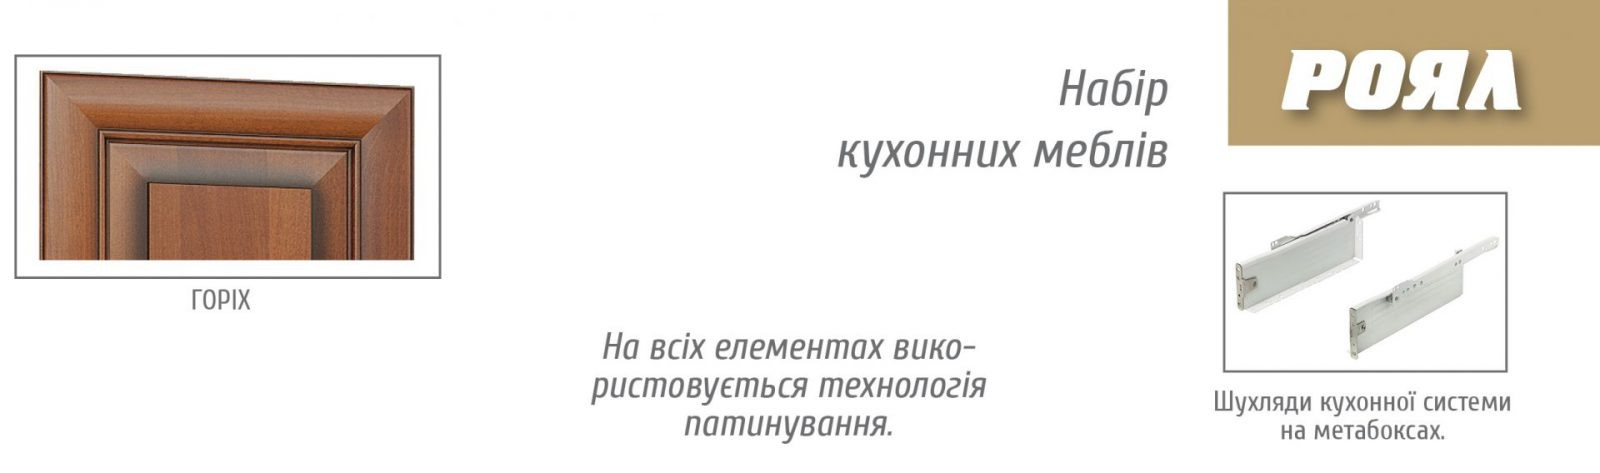 Royal_kol[1]